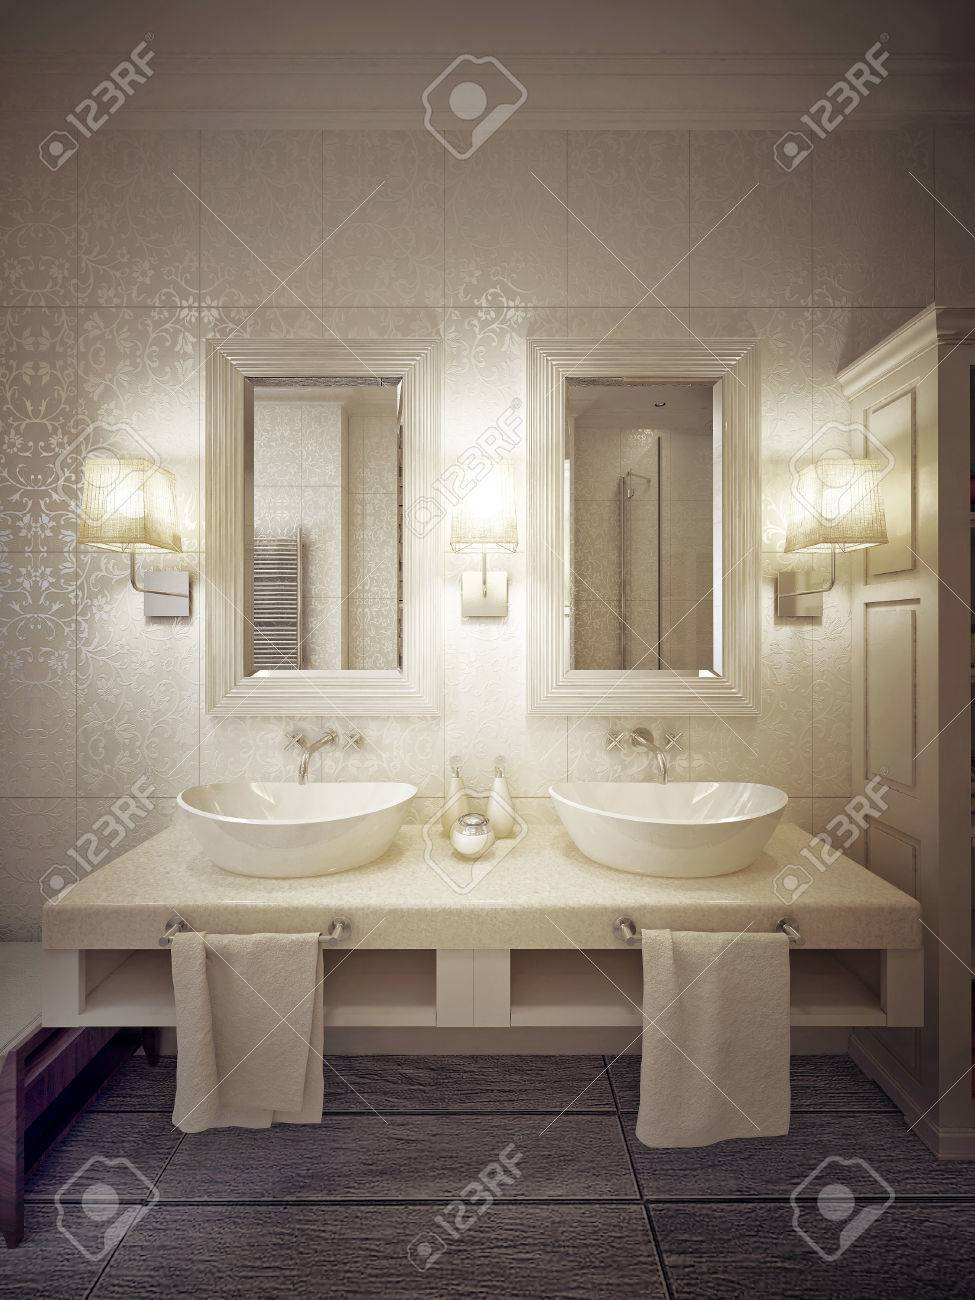 Charmant Ein Modernes Bad Mit Zwei Waschbecken Konsole In Weiß Und Beige.  3D Darstellung.